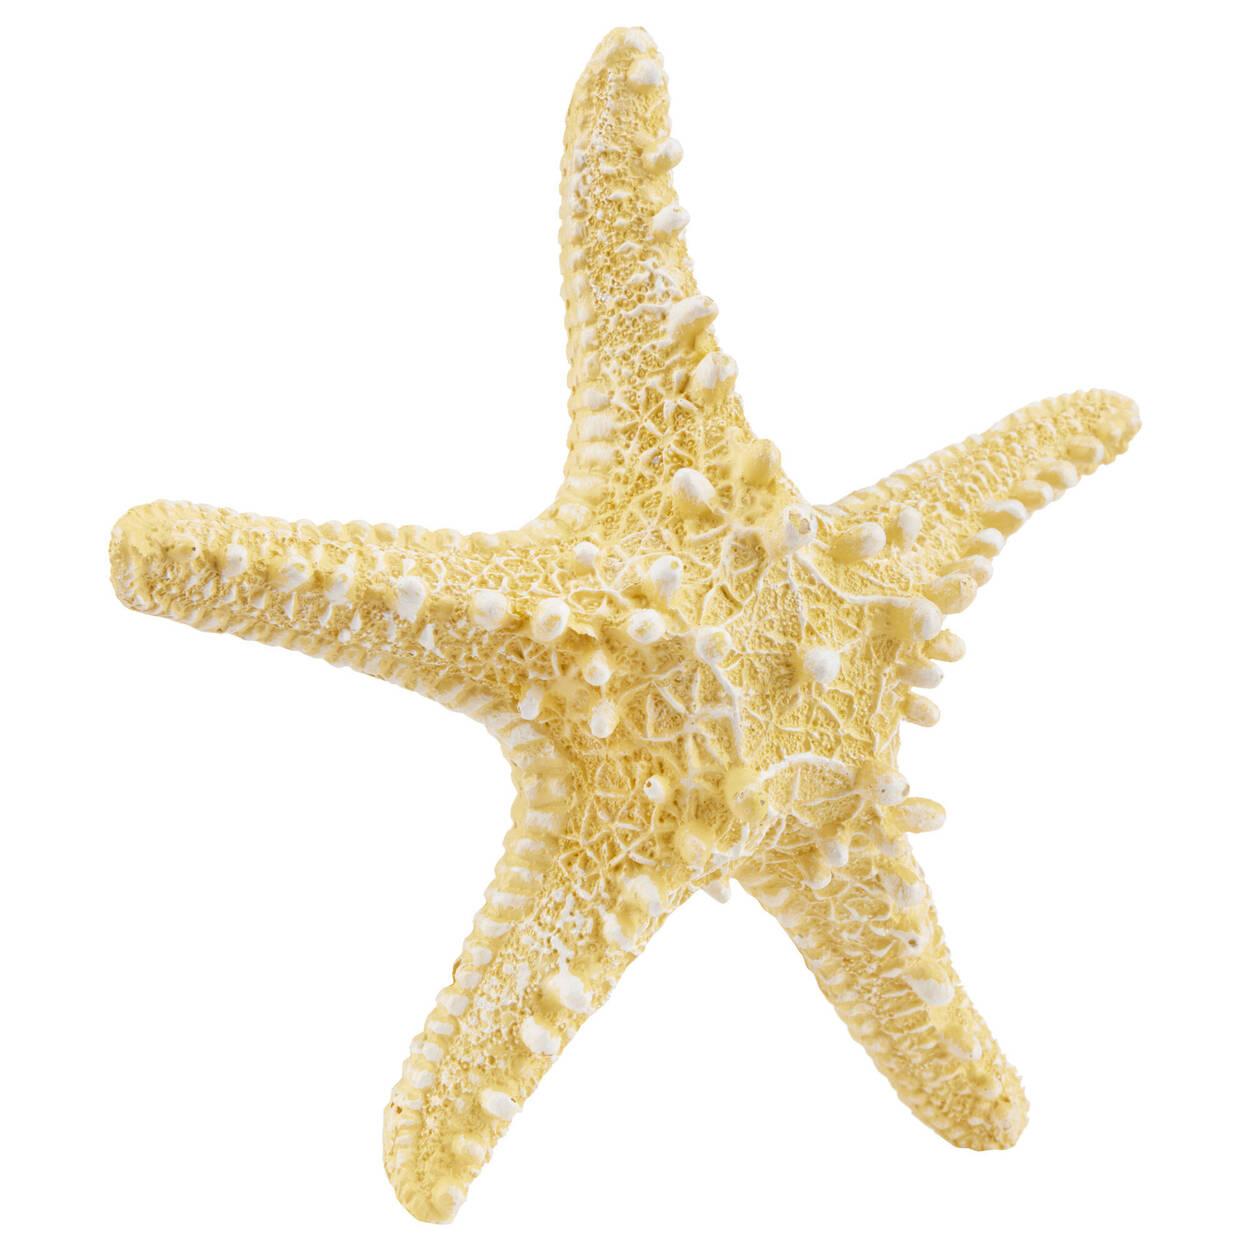 Yellow Decorative Resin Starfish